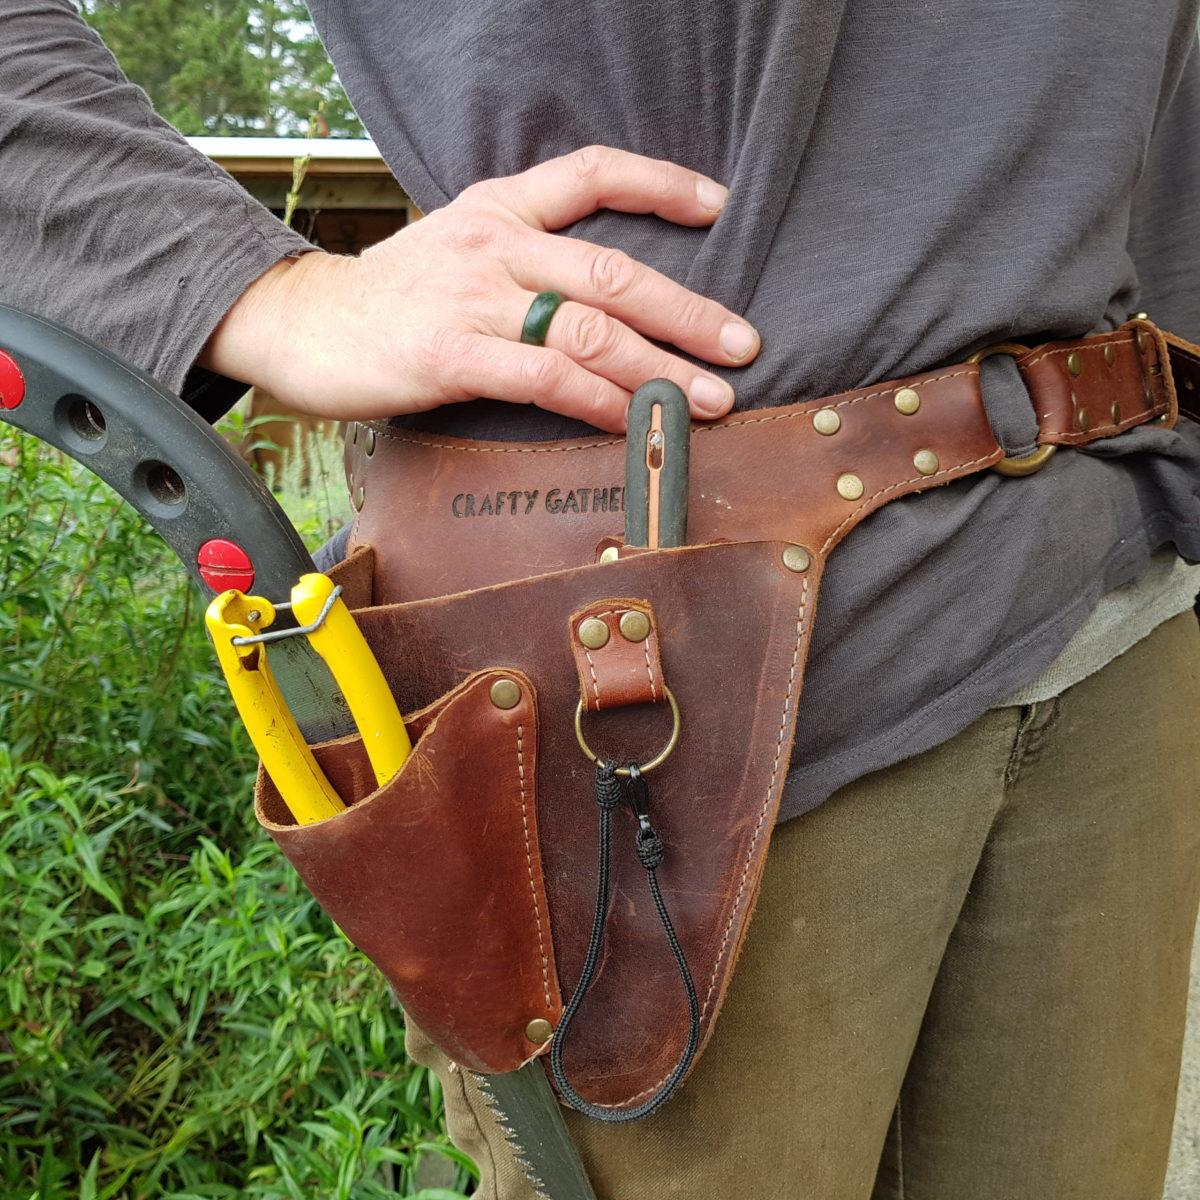 crafty gatherer tool belt ediblebackyard nz